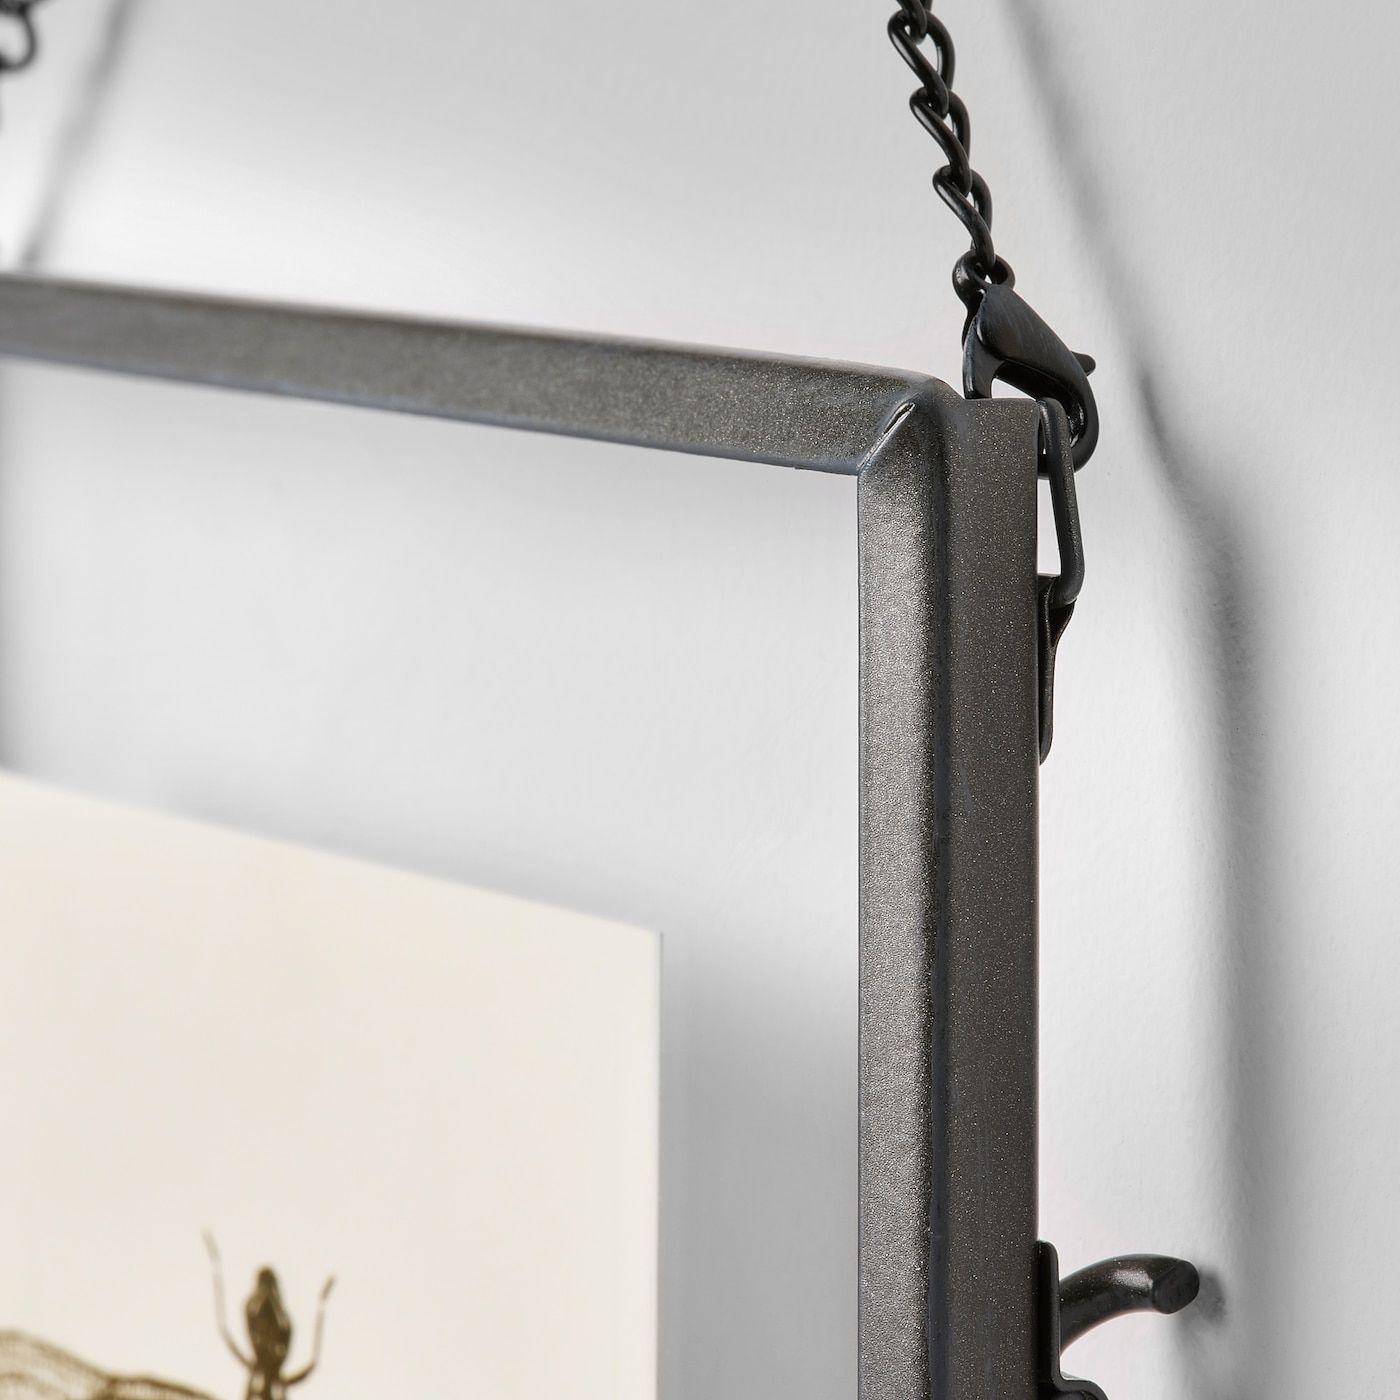 Cadre Photo Sur Pied Ikea ikea - lerboda cadre en 2020 | chaîne en métal, gris foncé